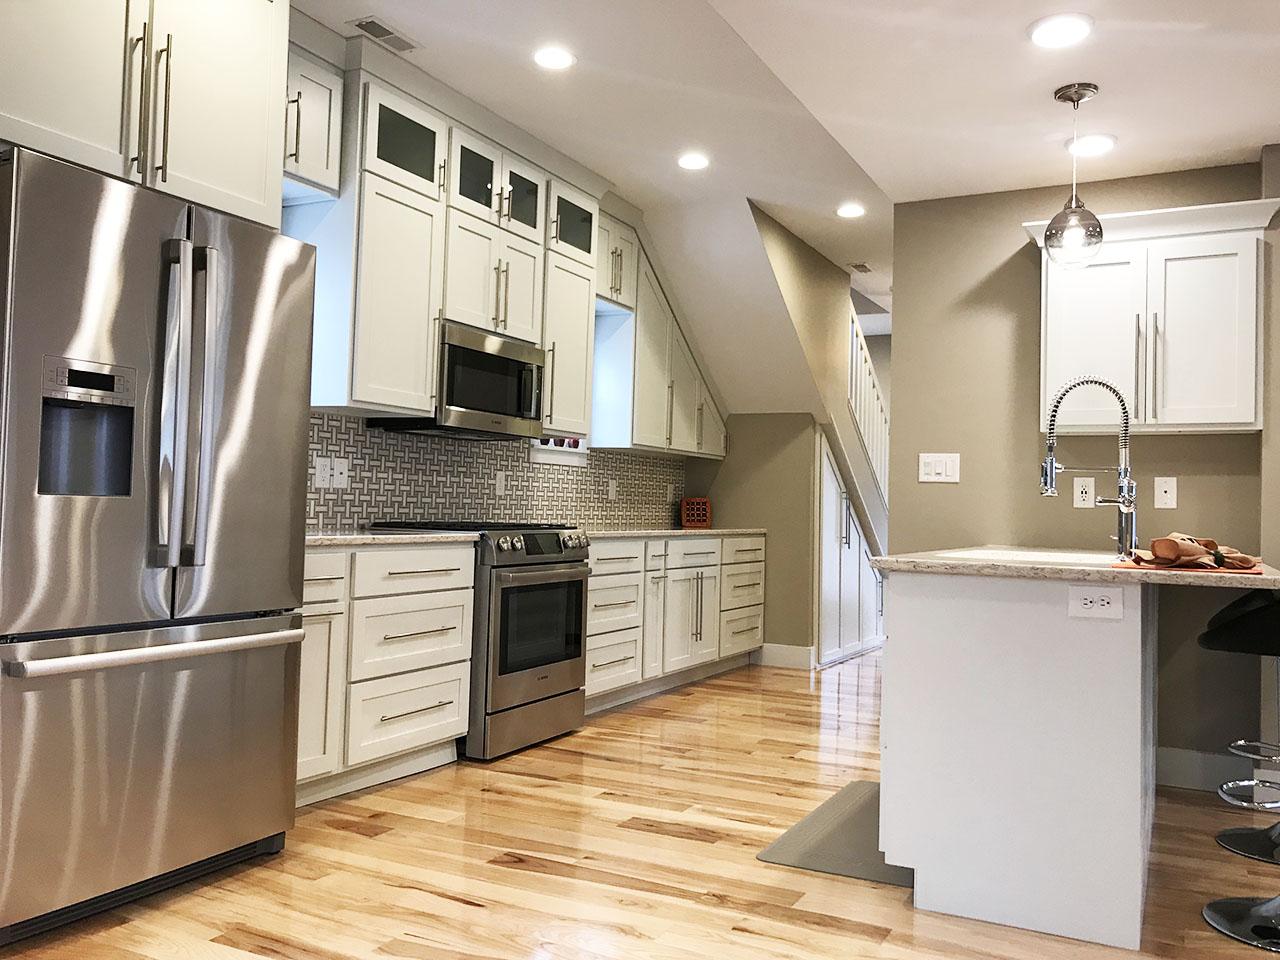 14_Kitchen_4.jpg